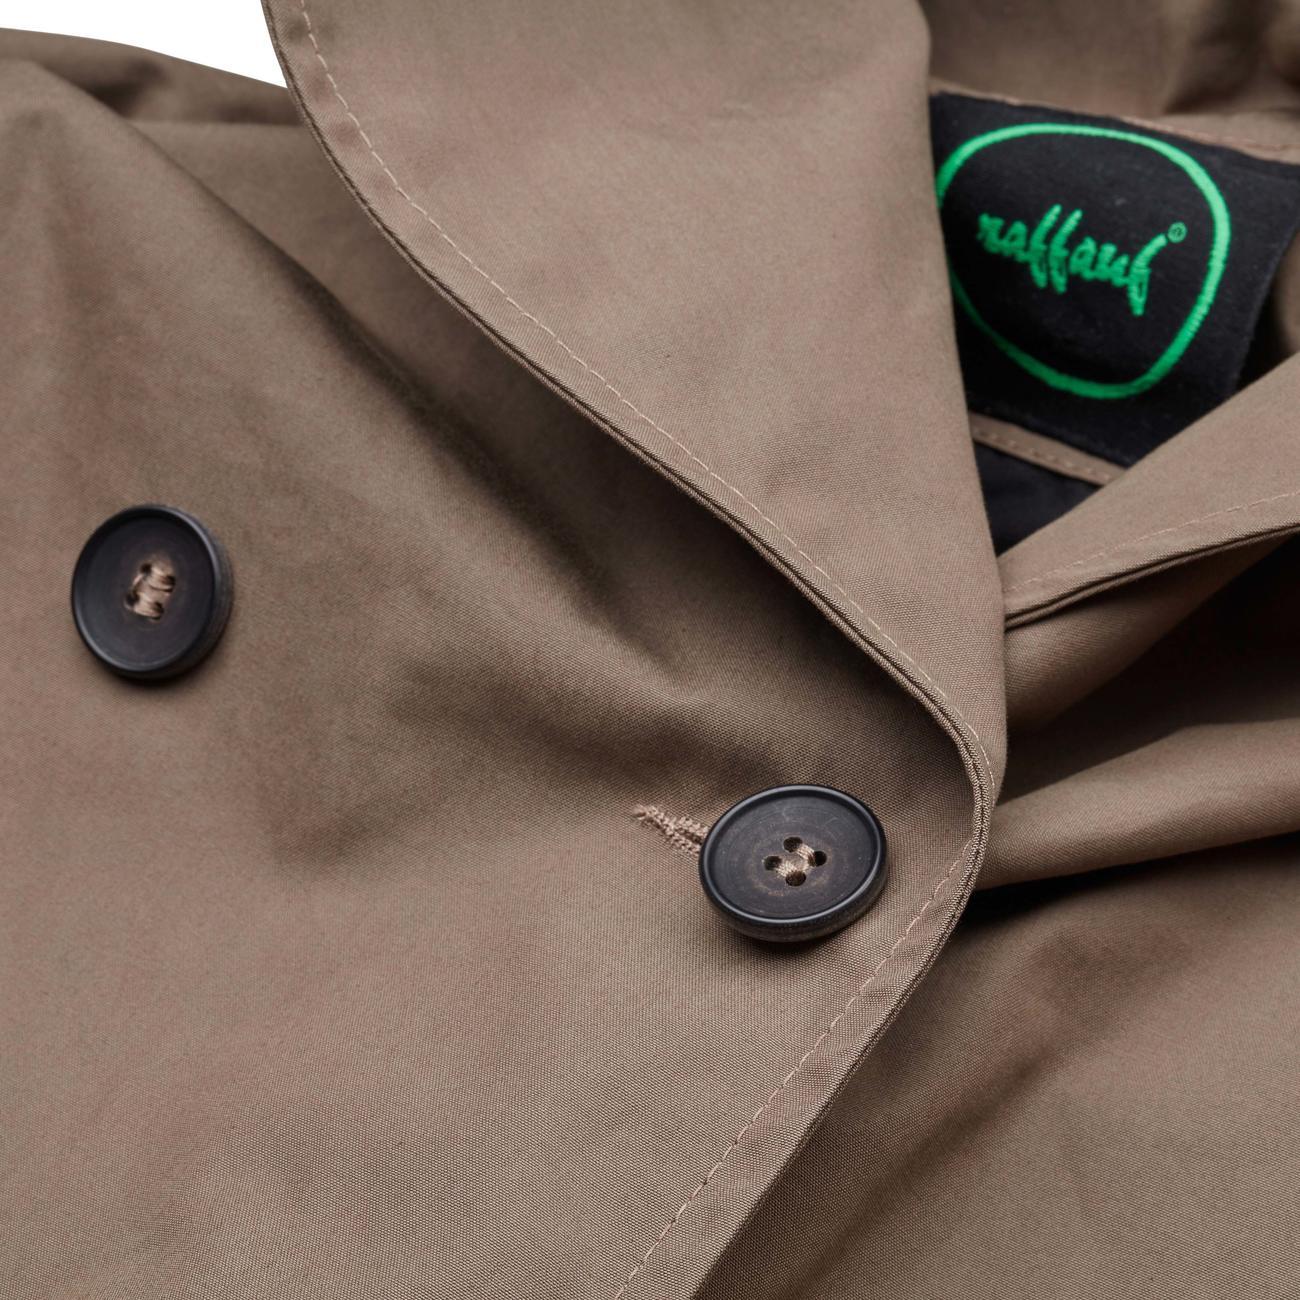 Fesselnd Raffauf Outdoor Couture Mantel Der Outdoor Mantel Mit Couture Charakter:  Elegant Und Stadtfein, Dabei